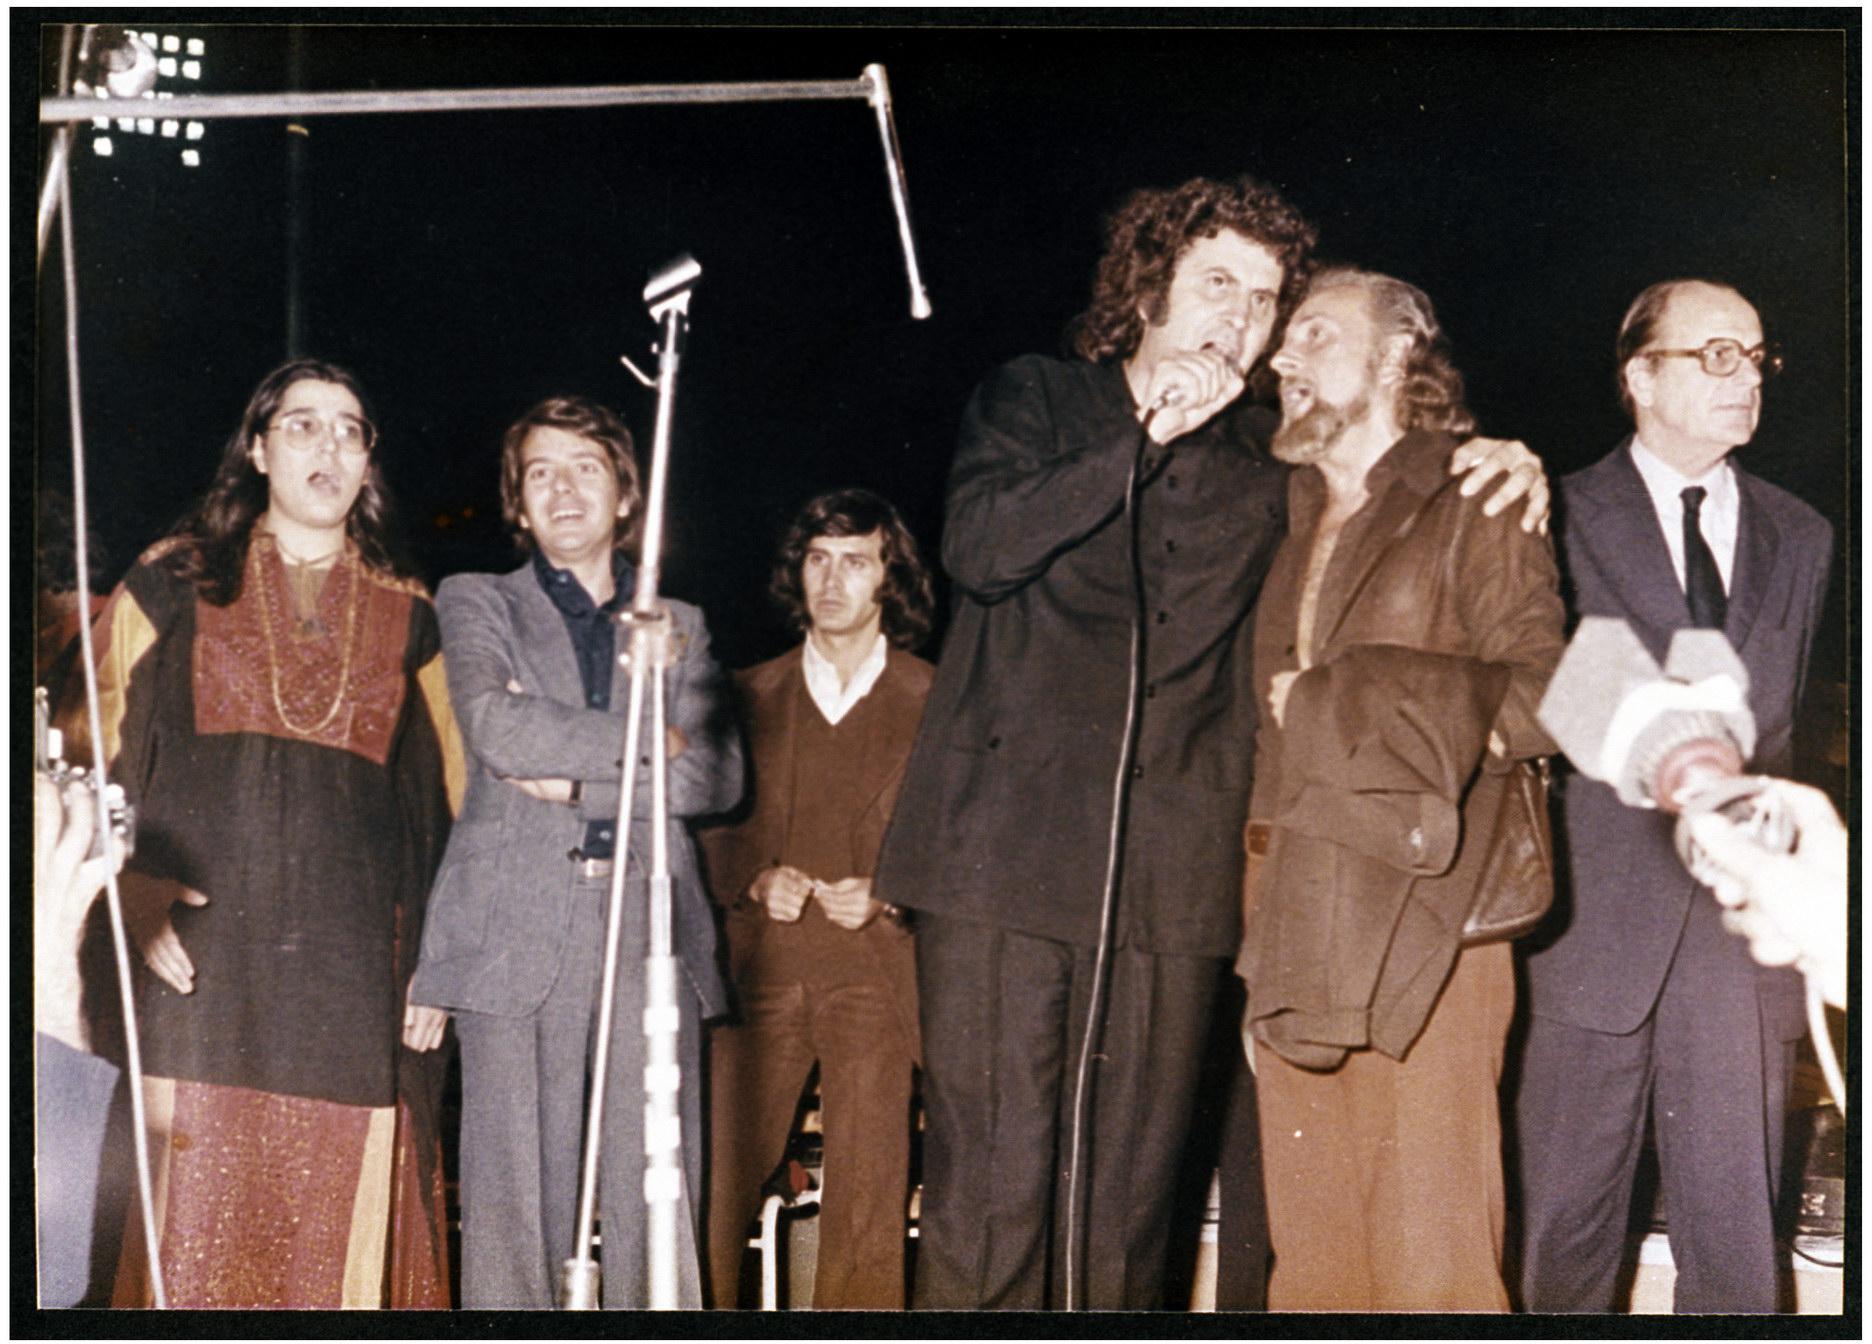 Αποτέλεσμα εικόνας για φωτο συναυλία του Θεοδωράκη στο Καραισκάκη το 1974